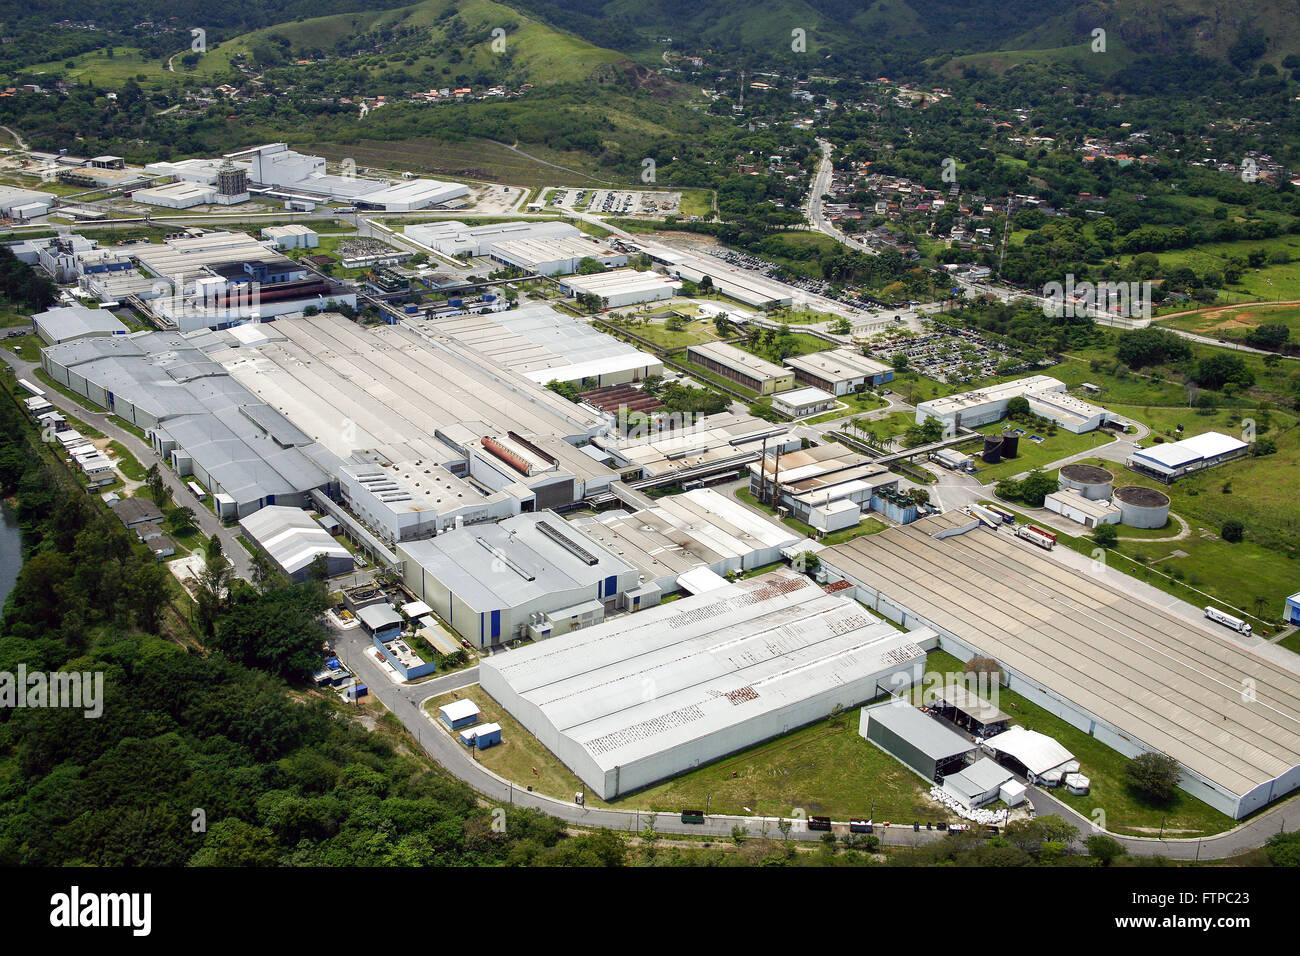 Vue aérienne de l'industrie des pneumatiques Michelin Photo Stock